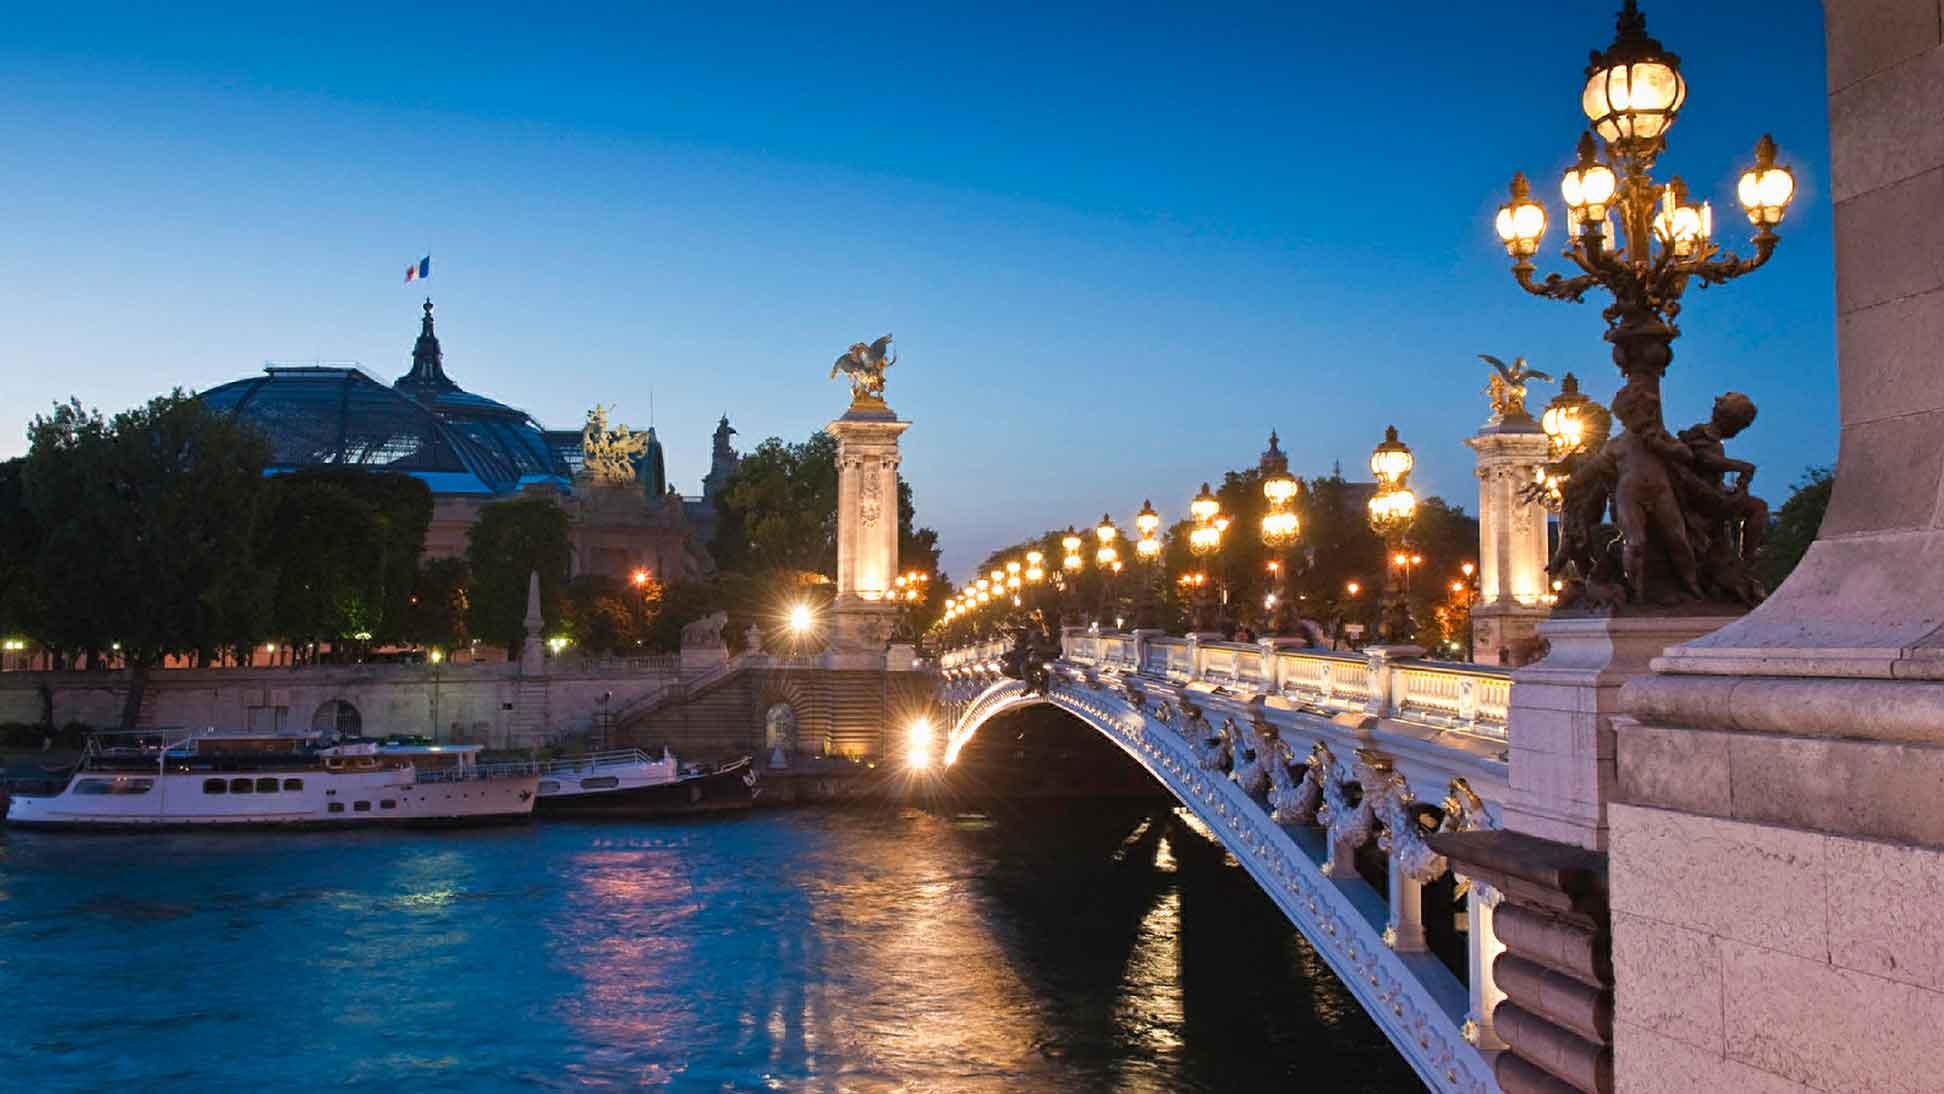 Bridge over the River Seine in Paris, France